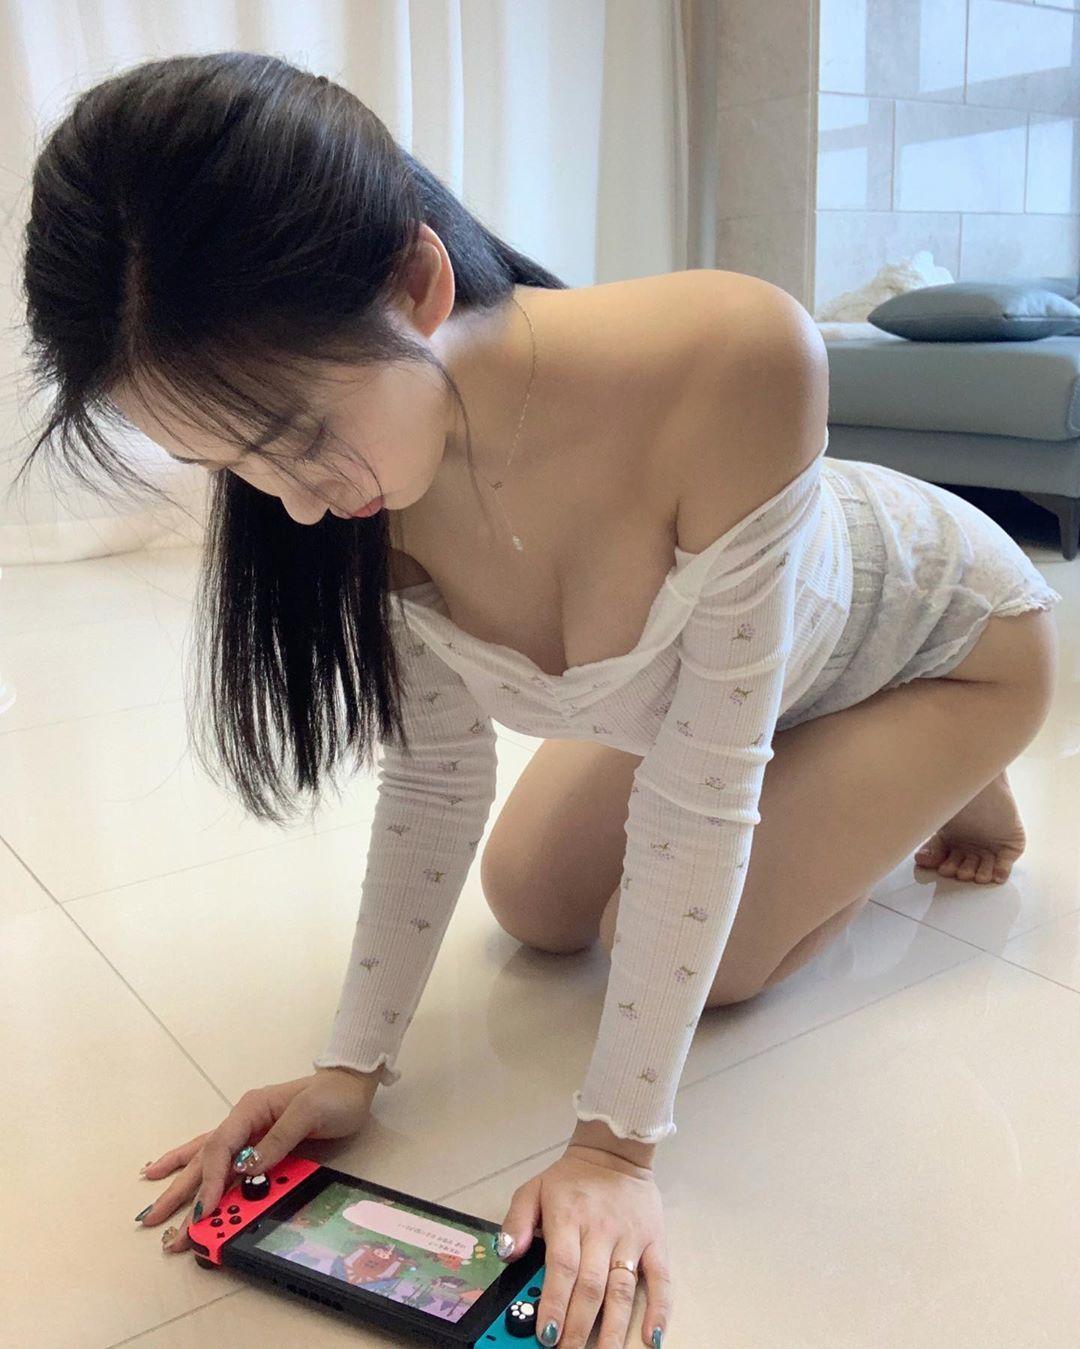 妹子玩游戏的姿势有点新奇